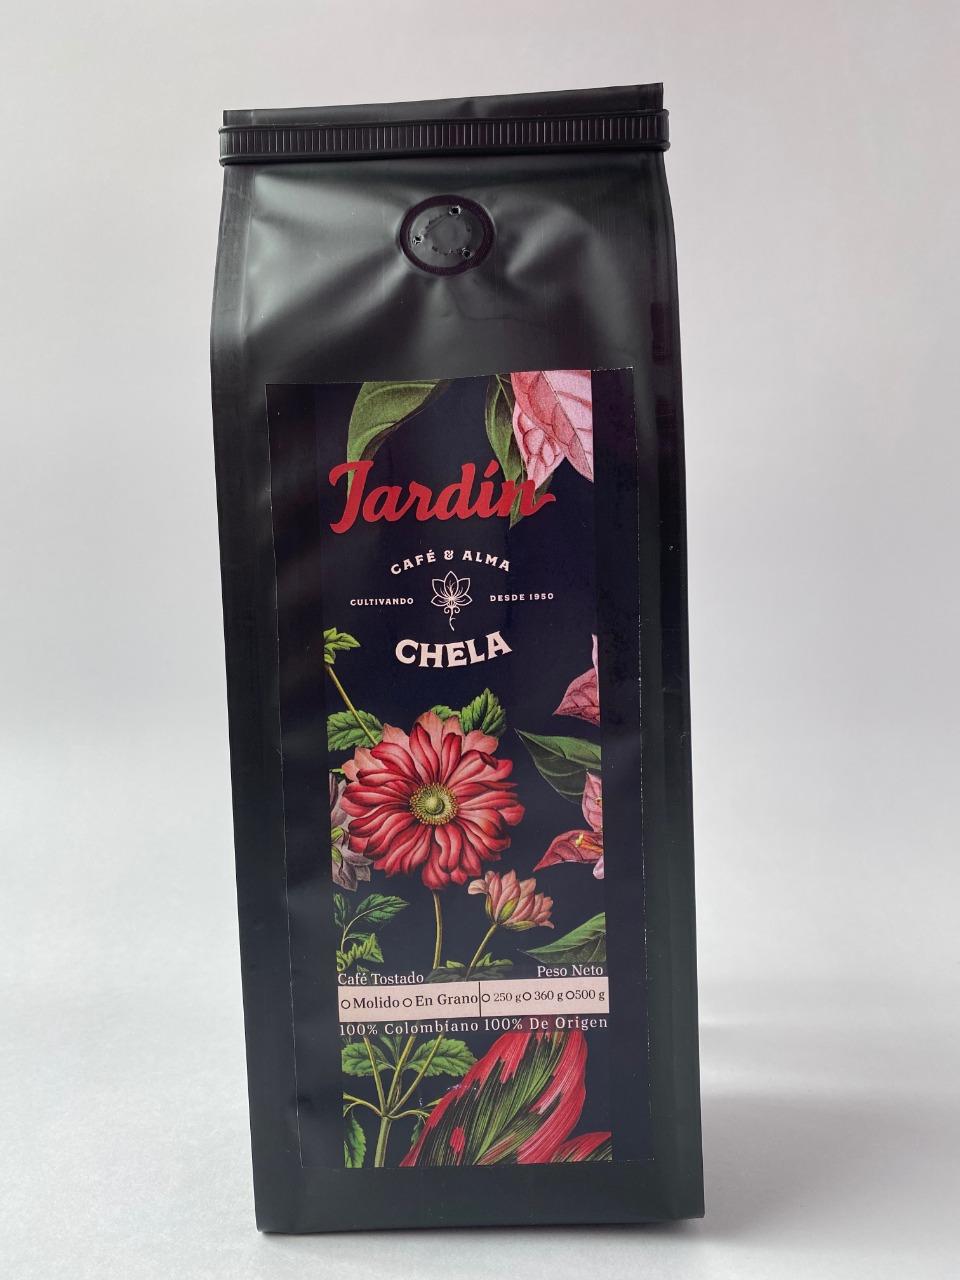 Caf%c3%a9 jard%c3%adn chela